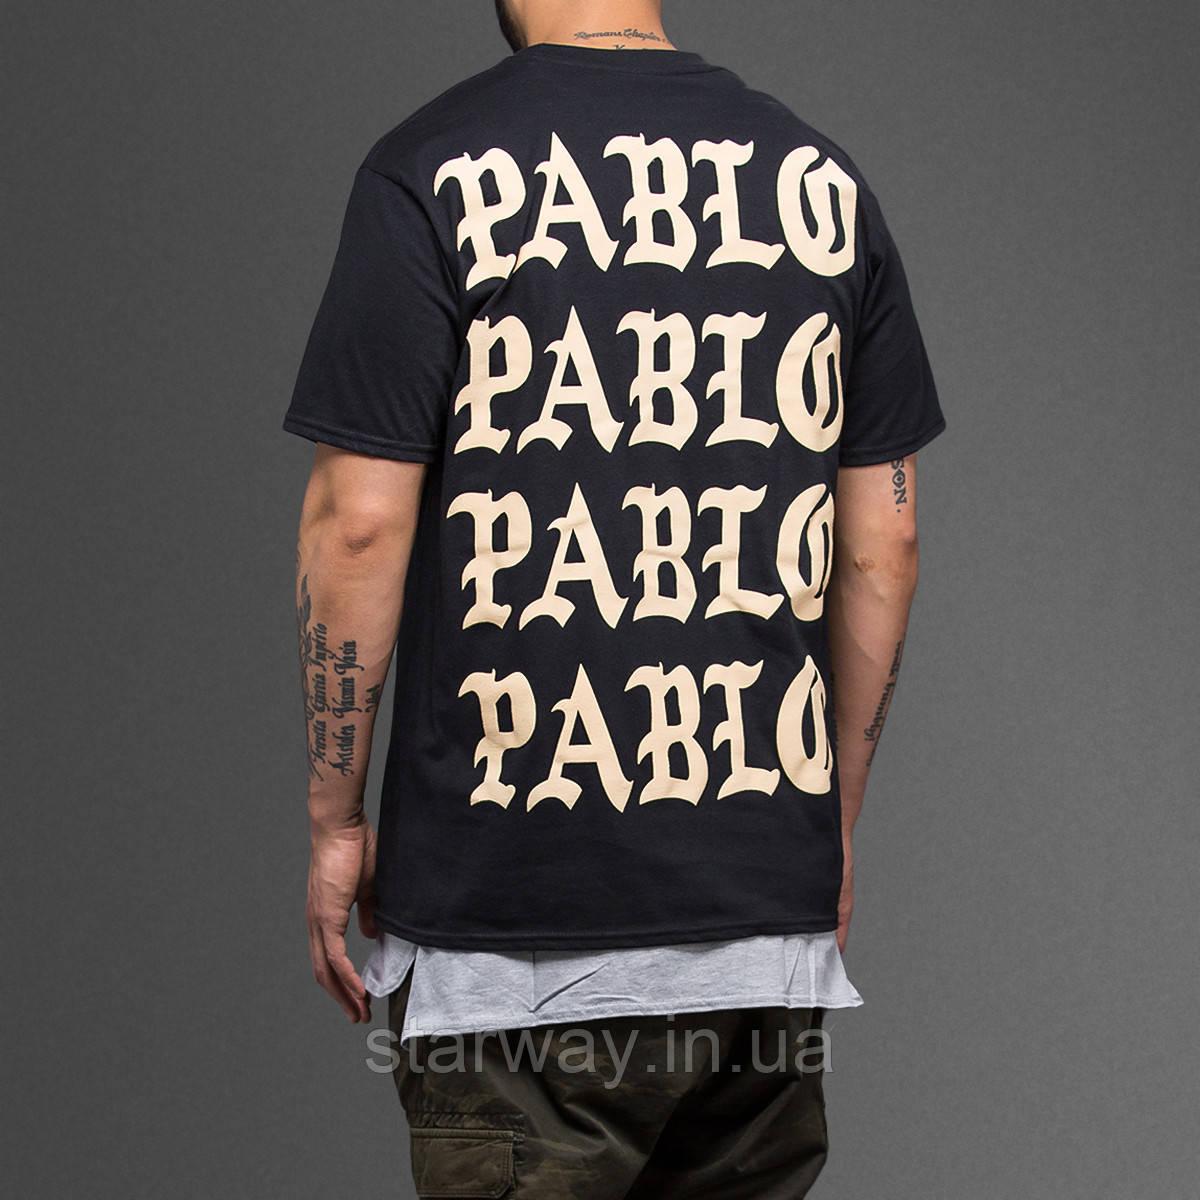 Футболка чёрная принт I Feel Like Pablo топ